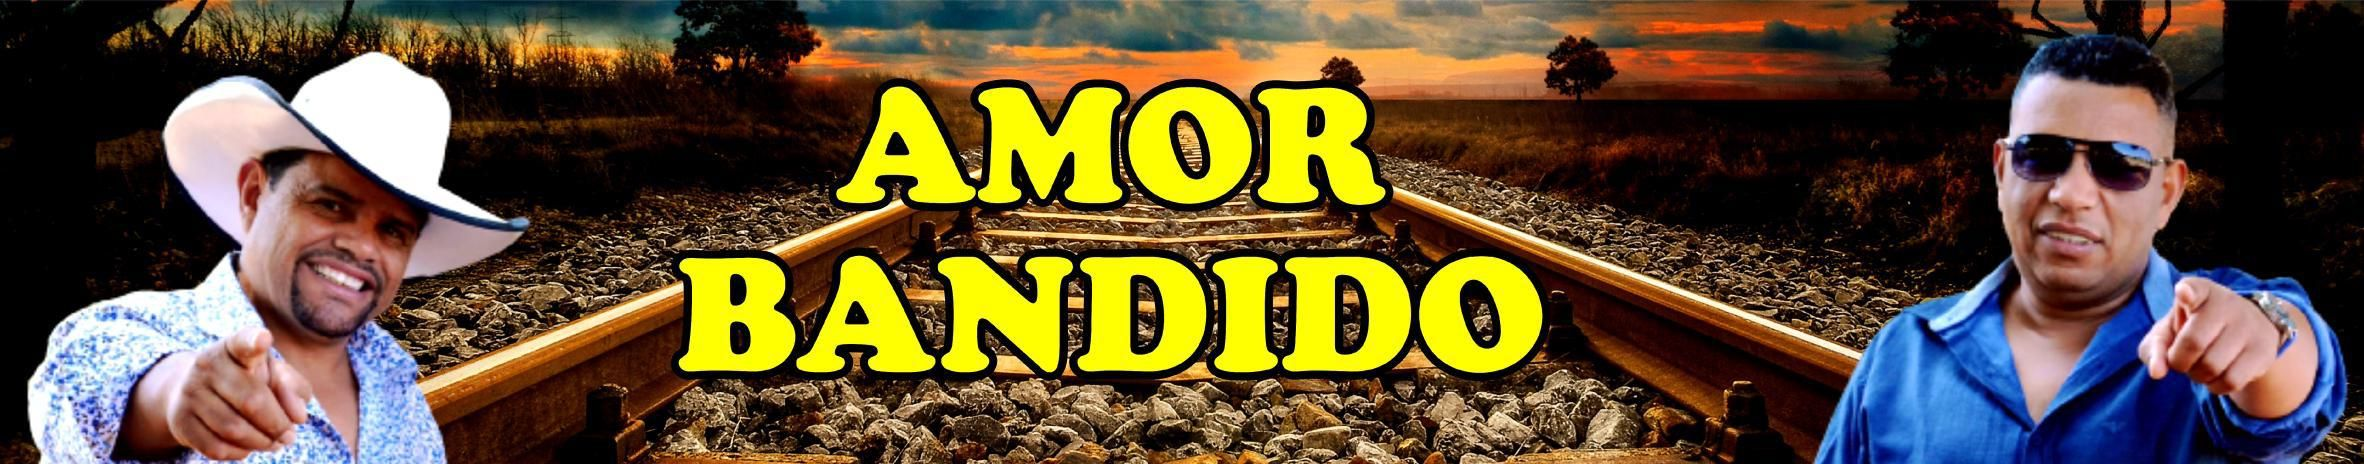 Imagem de capa de JM & Juliano